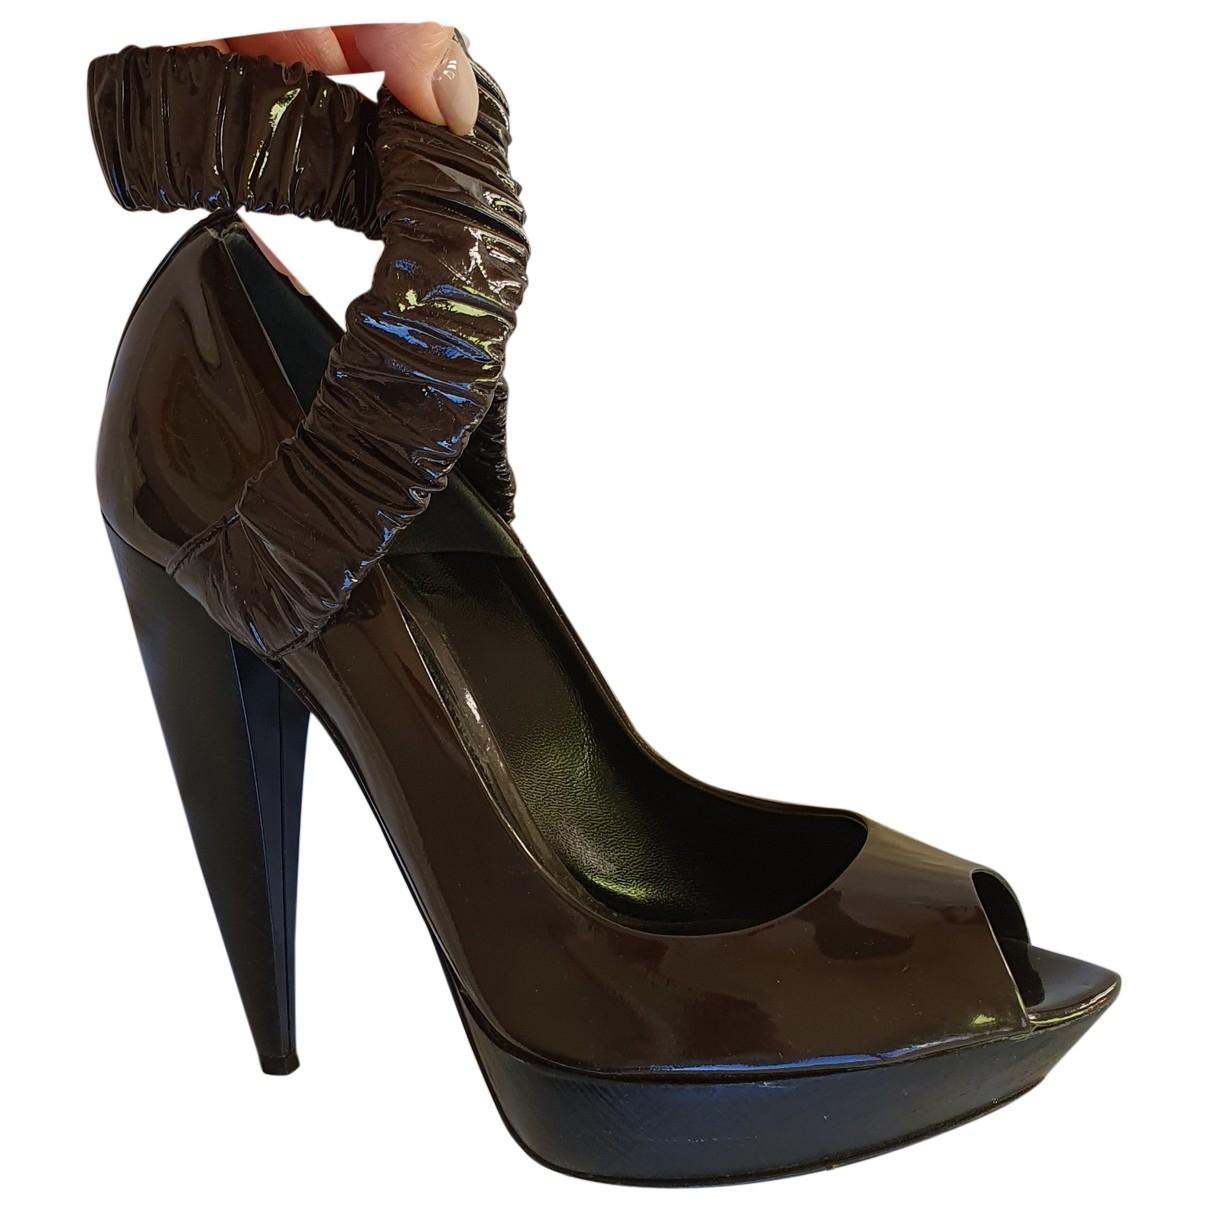 Burberry - Escarpins   pour femme en cuir verni - marron